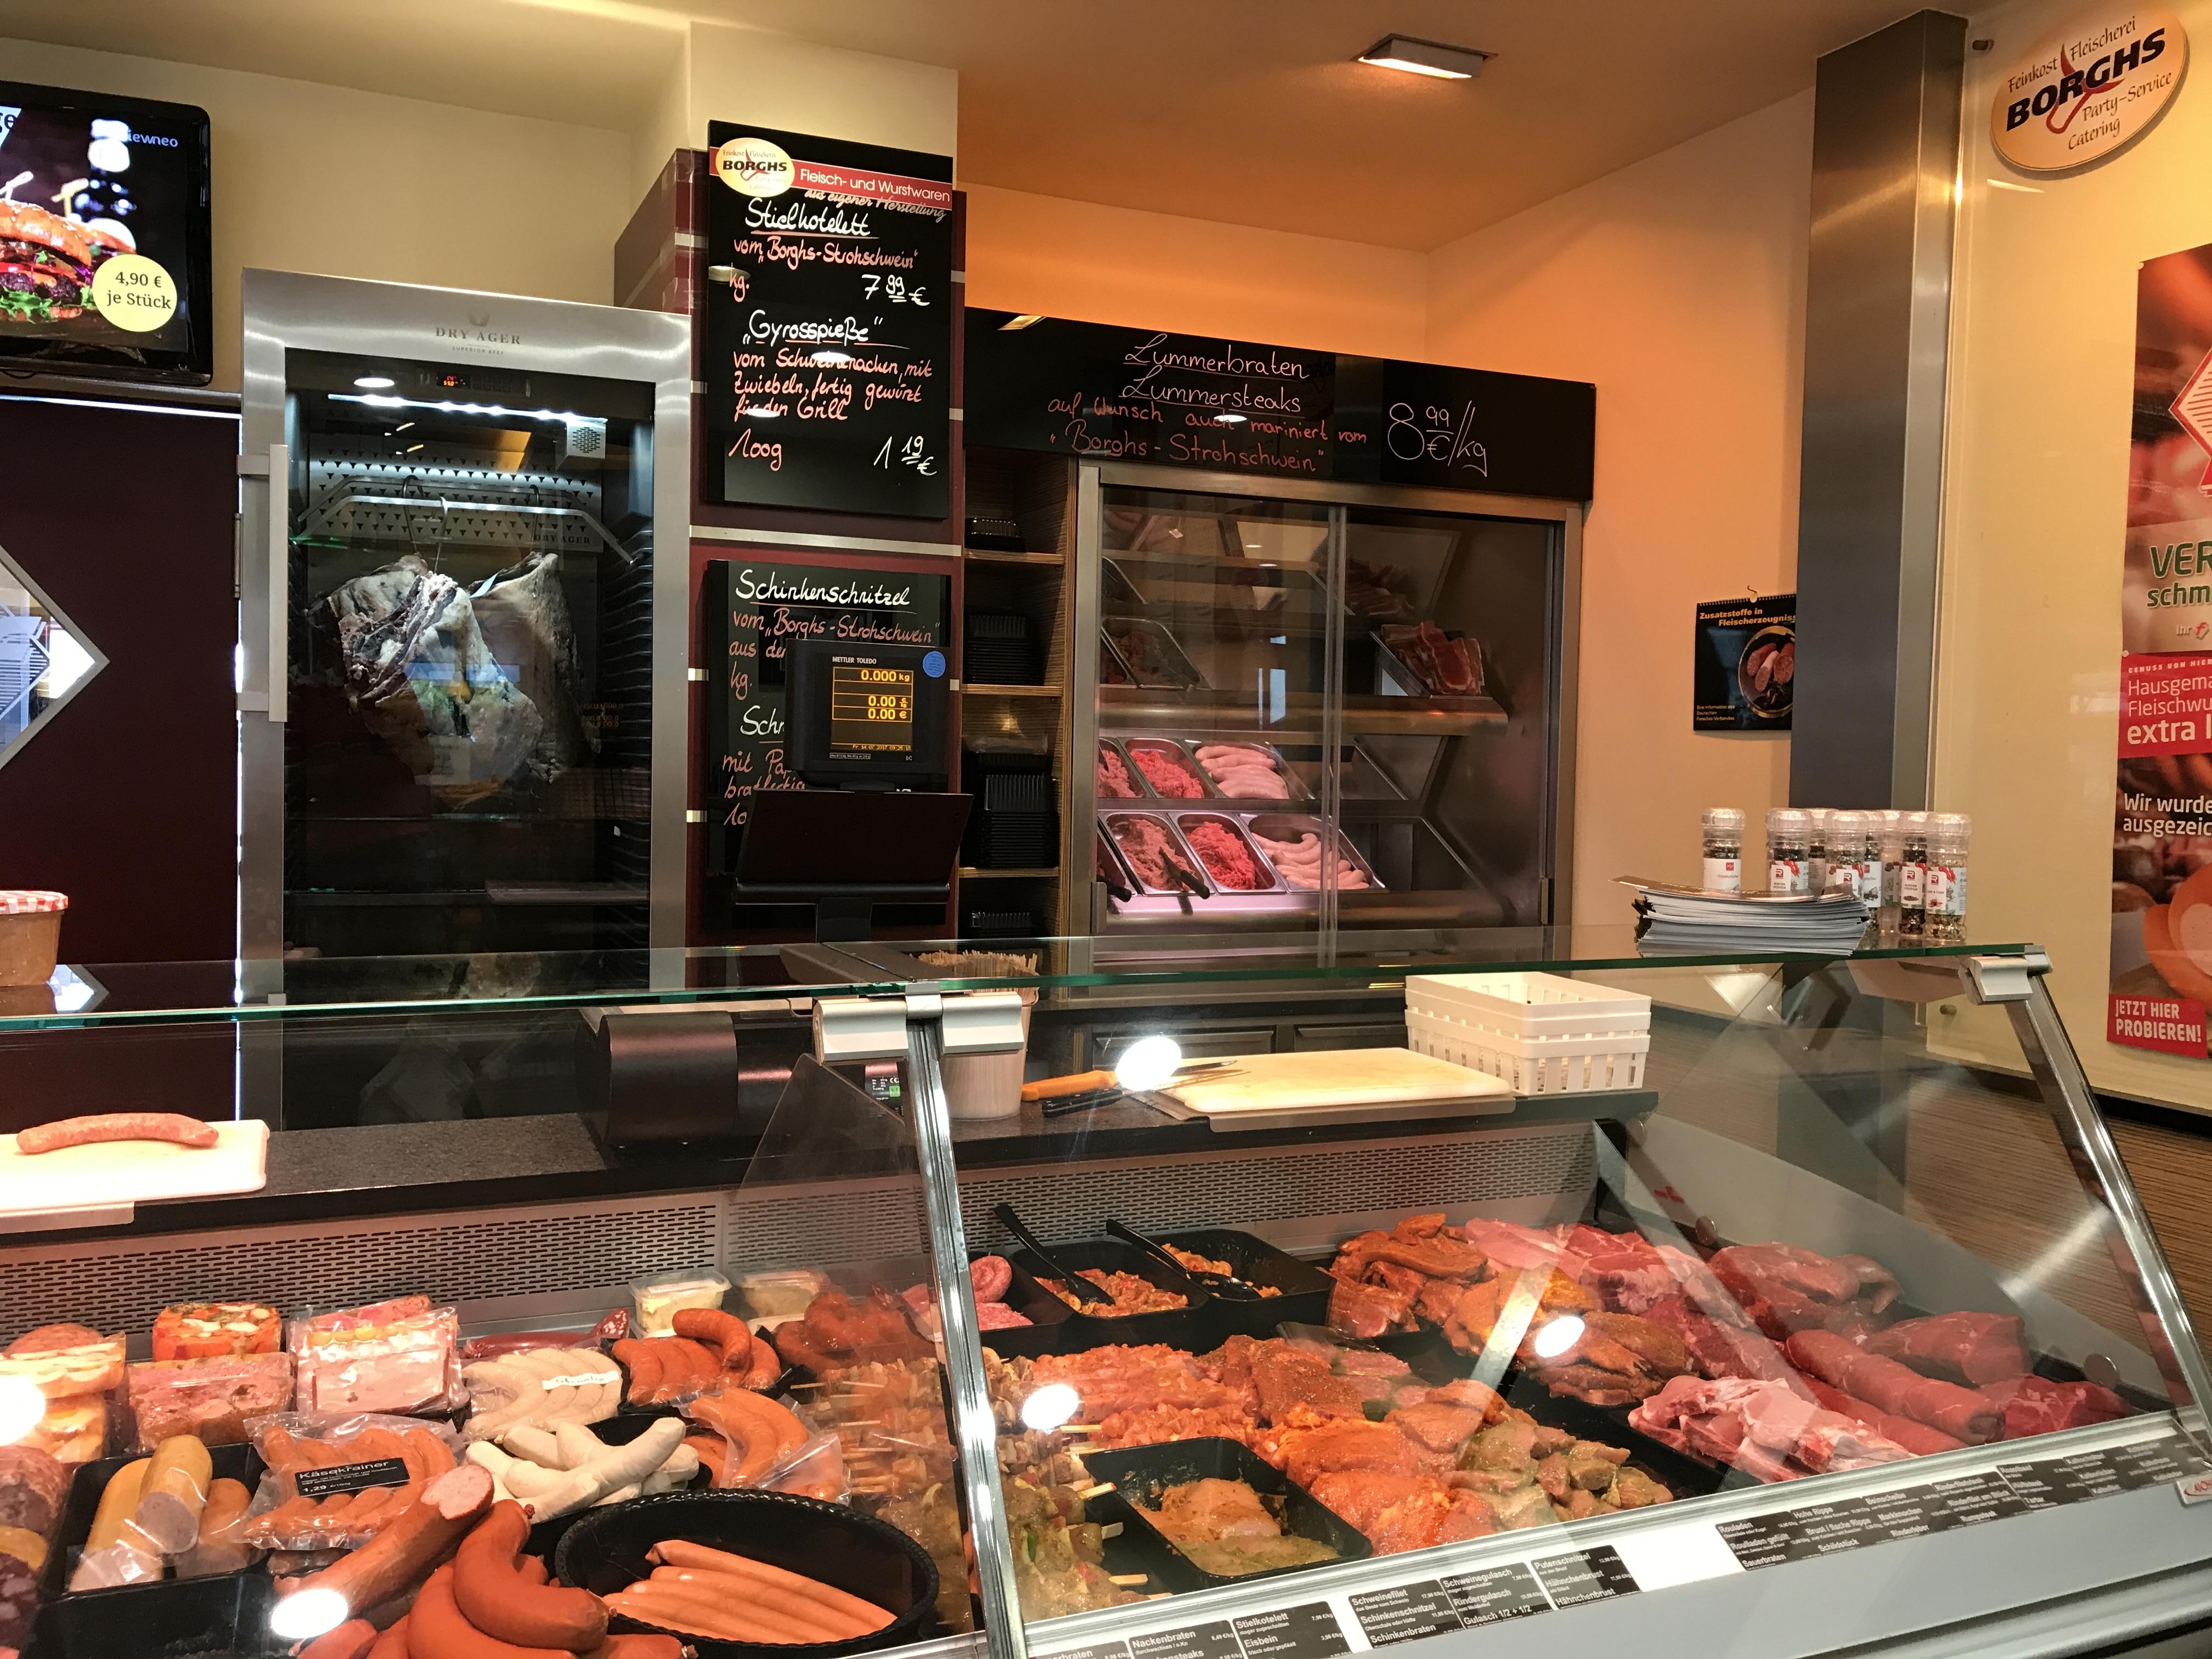 Fleischeinkauf ist Vertrauenssache